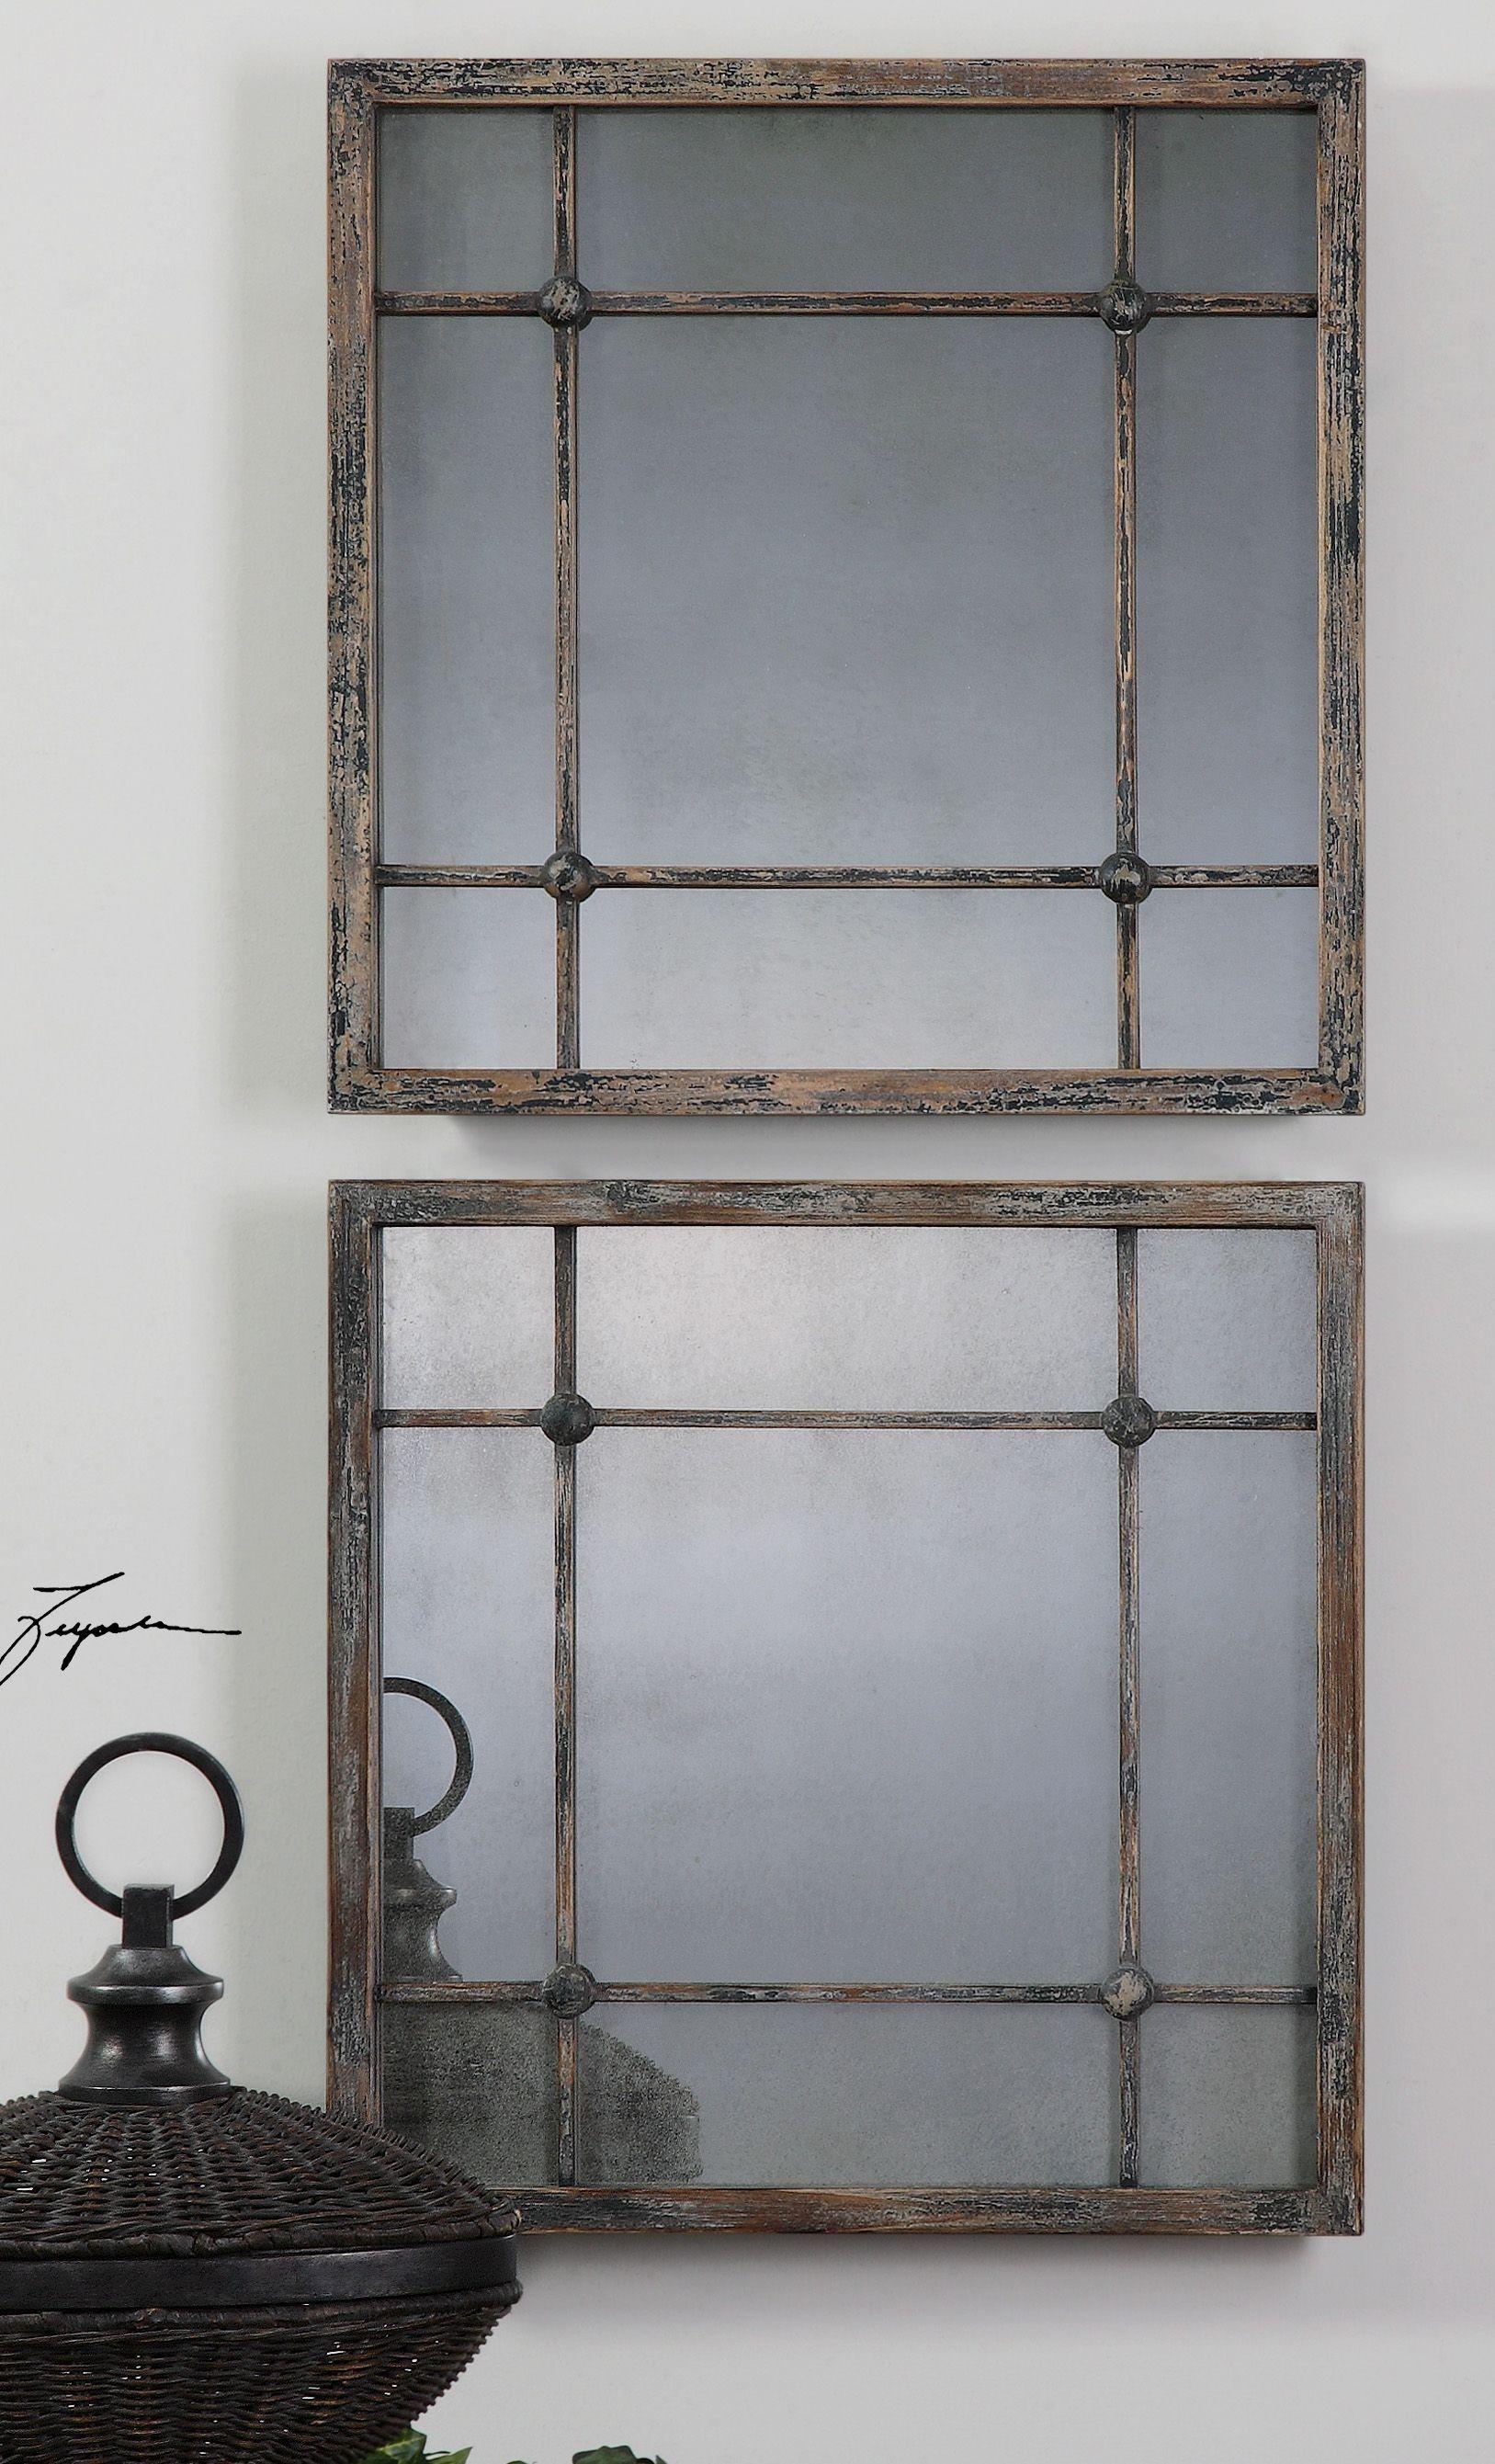 Wandspiegel-Set | Trend: Spieglein, Spieglein an der Wand ...